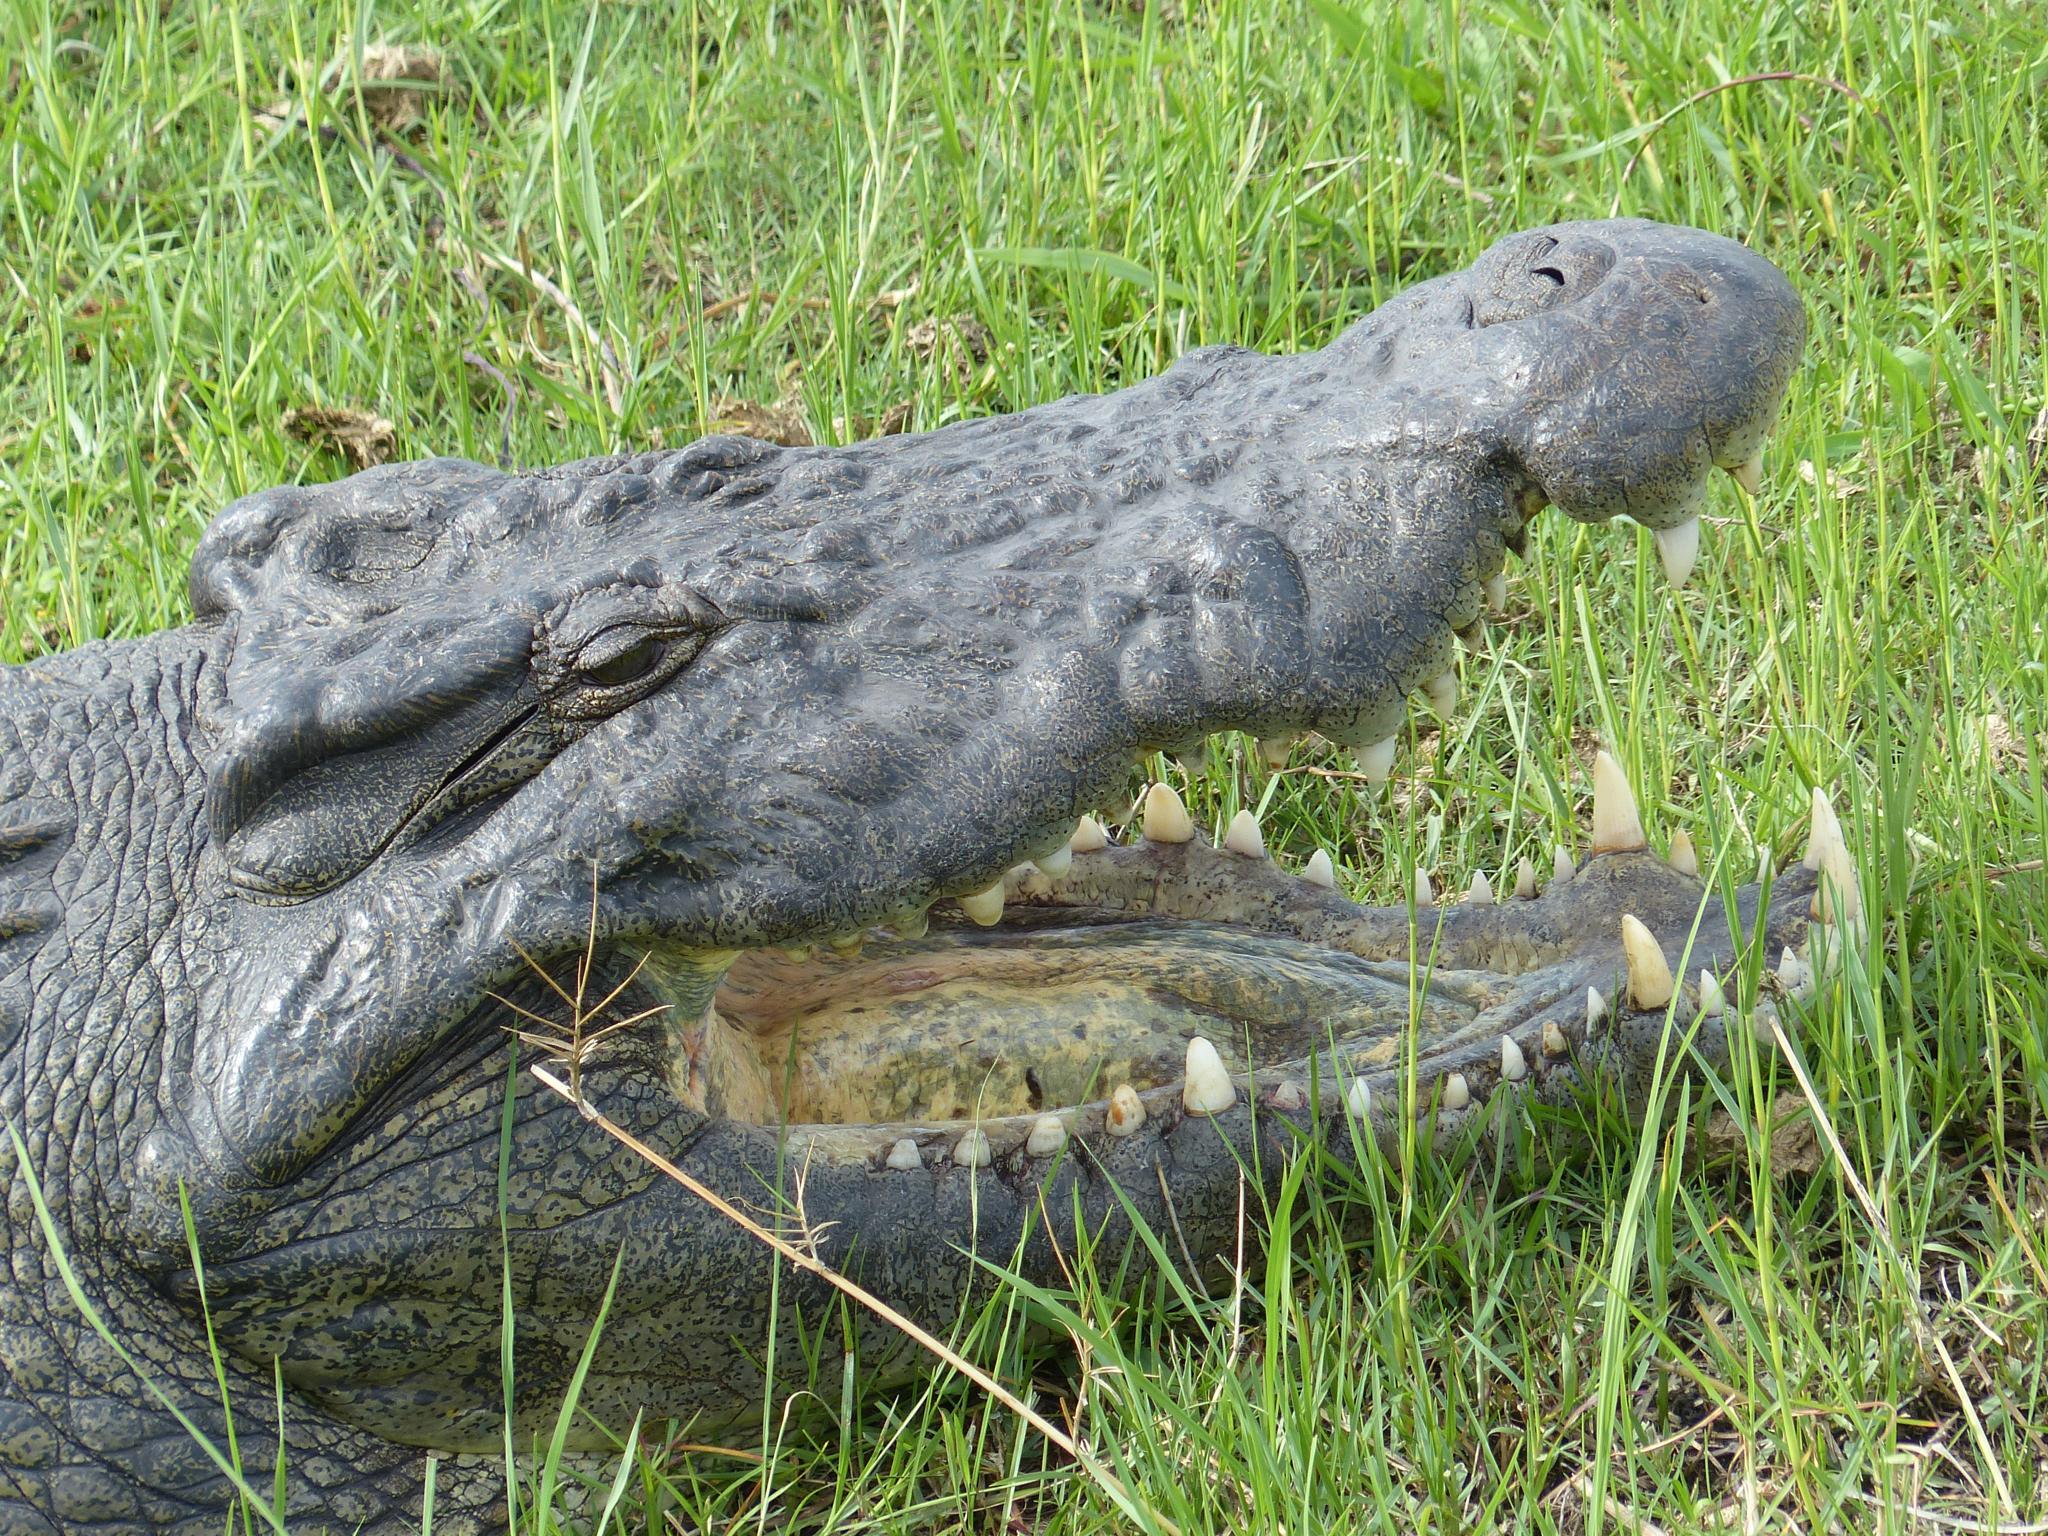 crocodile in Botswana by MHW